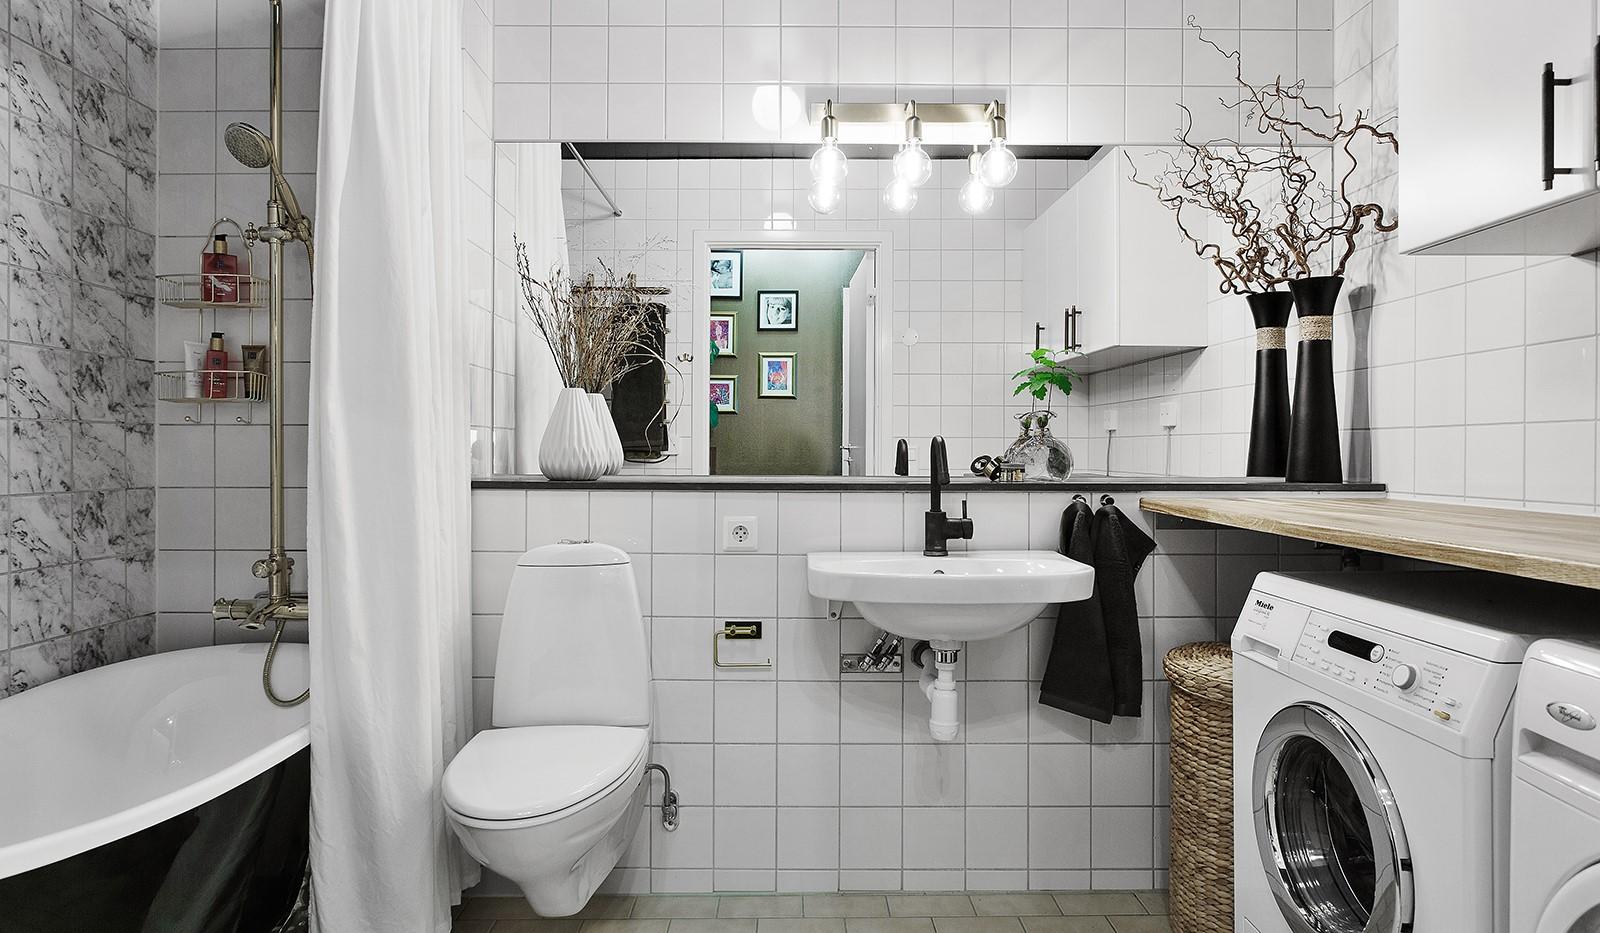 Korphoppsgatan 25, 2 tr Gårdshus! - Rymligt och modernt badrum utrustat med tvättmaskin och torktumlare